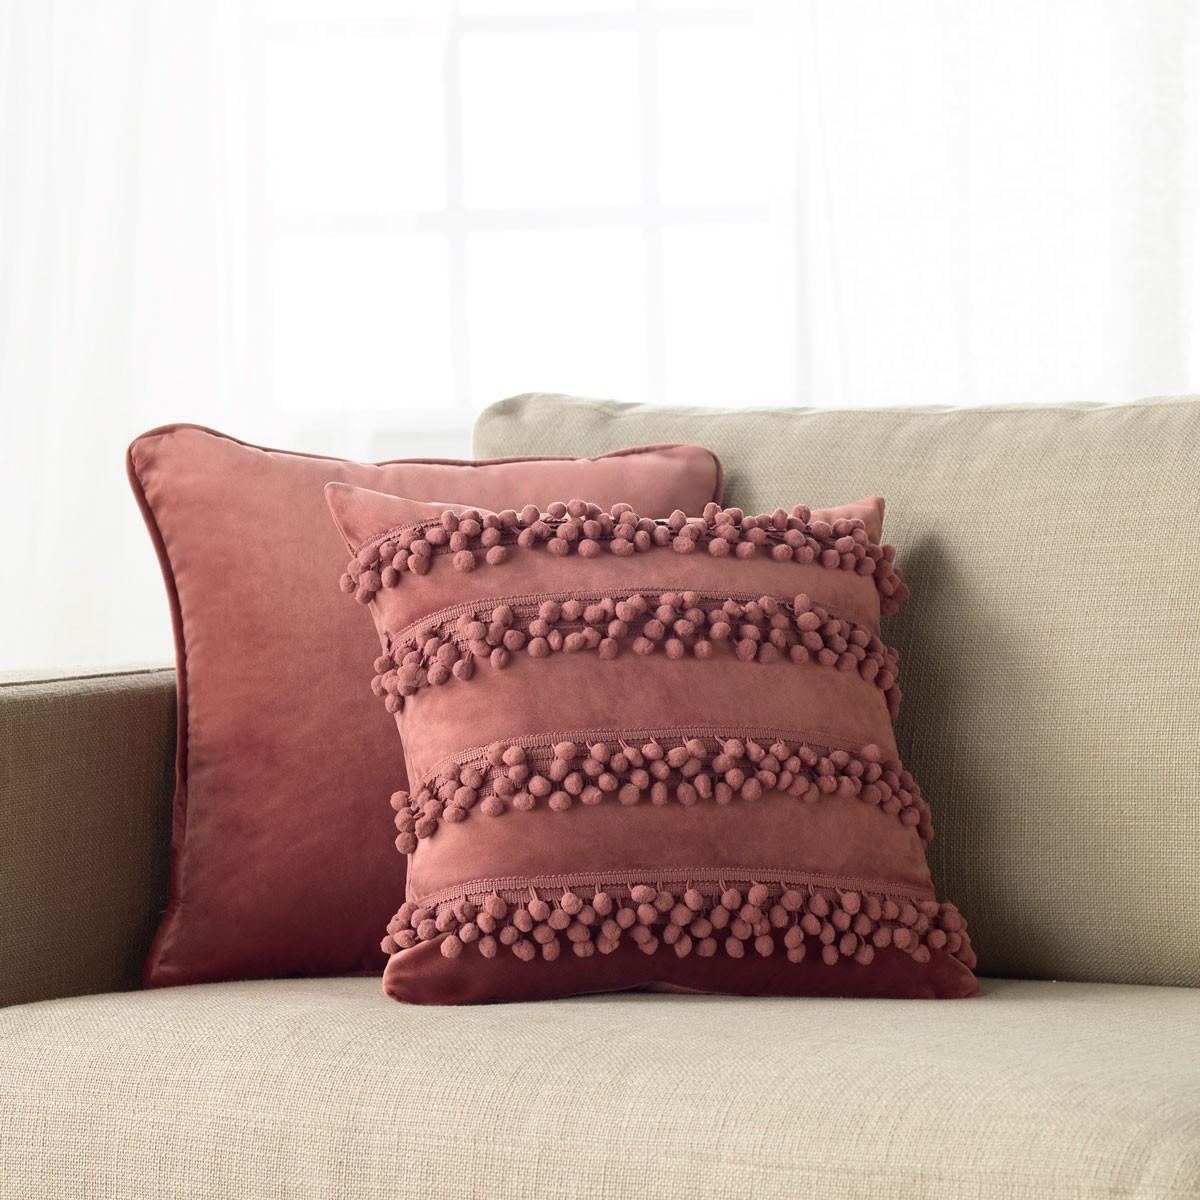 Διακοσμητική Μαξιλαροθήκη Gofis Home Pompones Pink 707/17